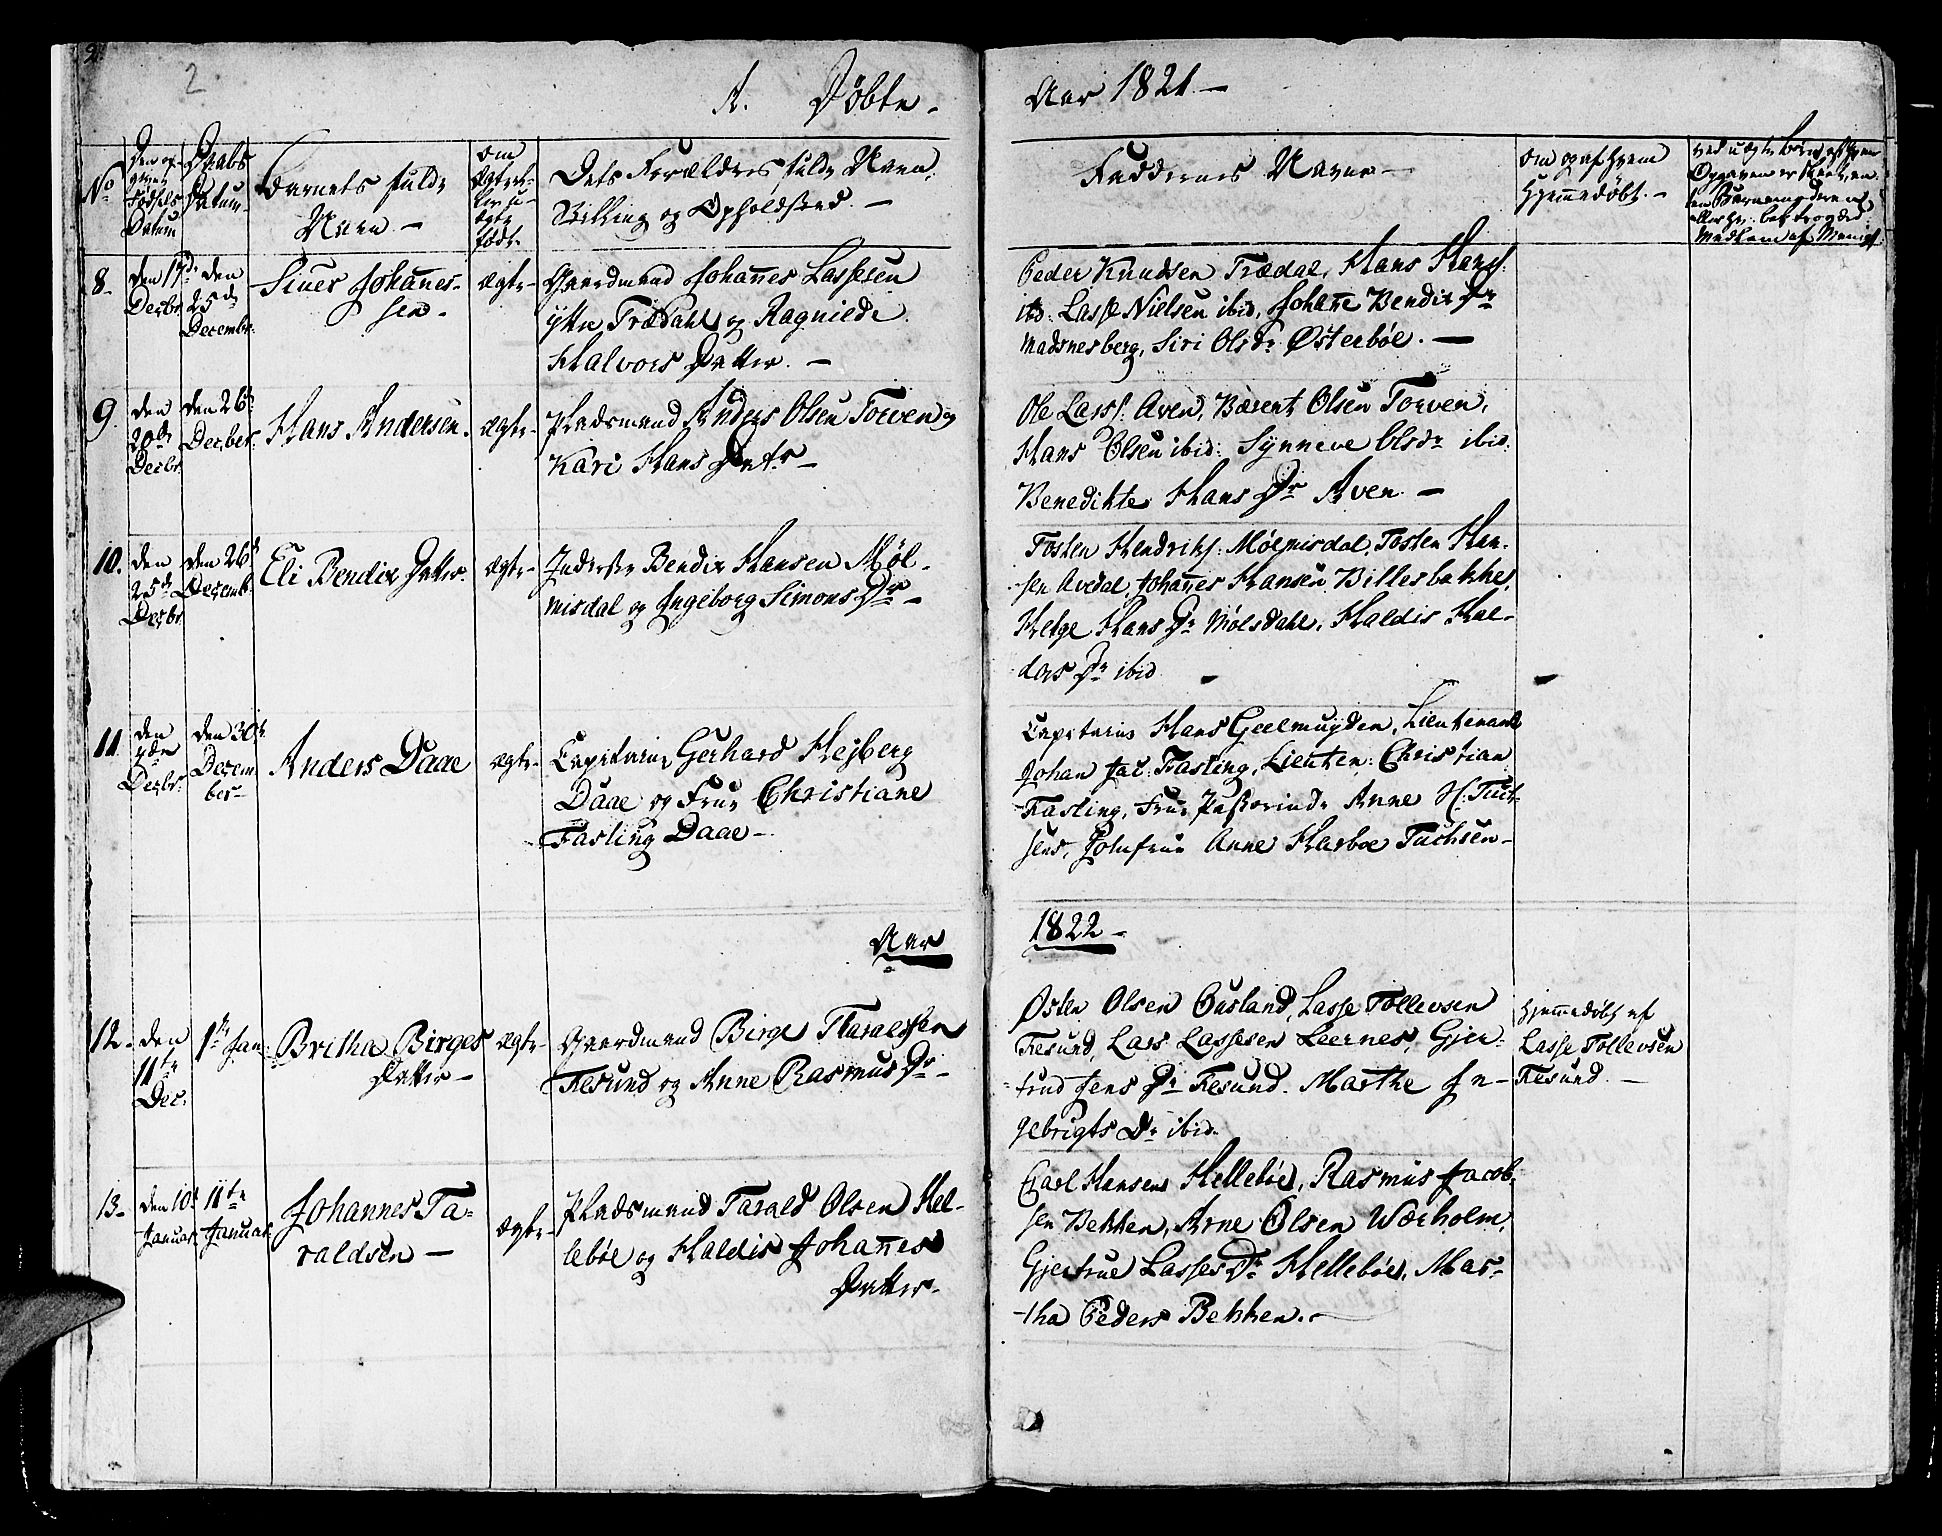 SAB, Lavik sokneprestembete, Ministerialbok nr. A 2I, 1821-1842, s. 2